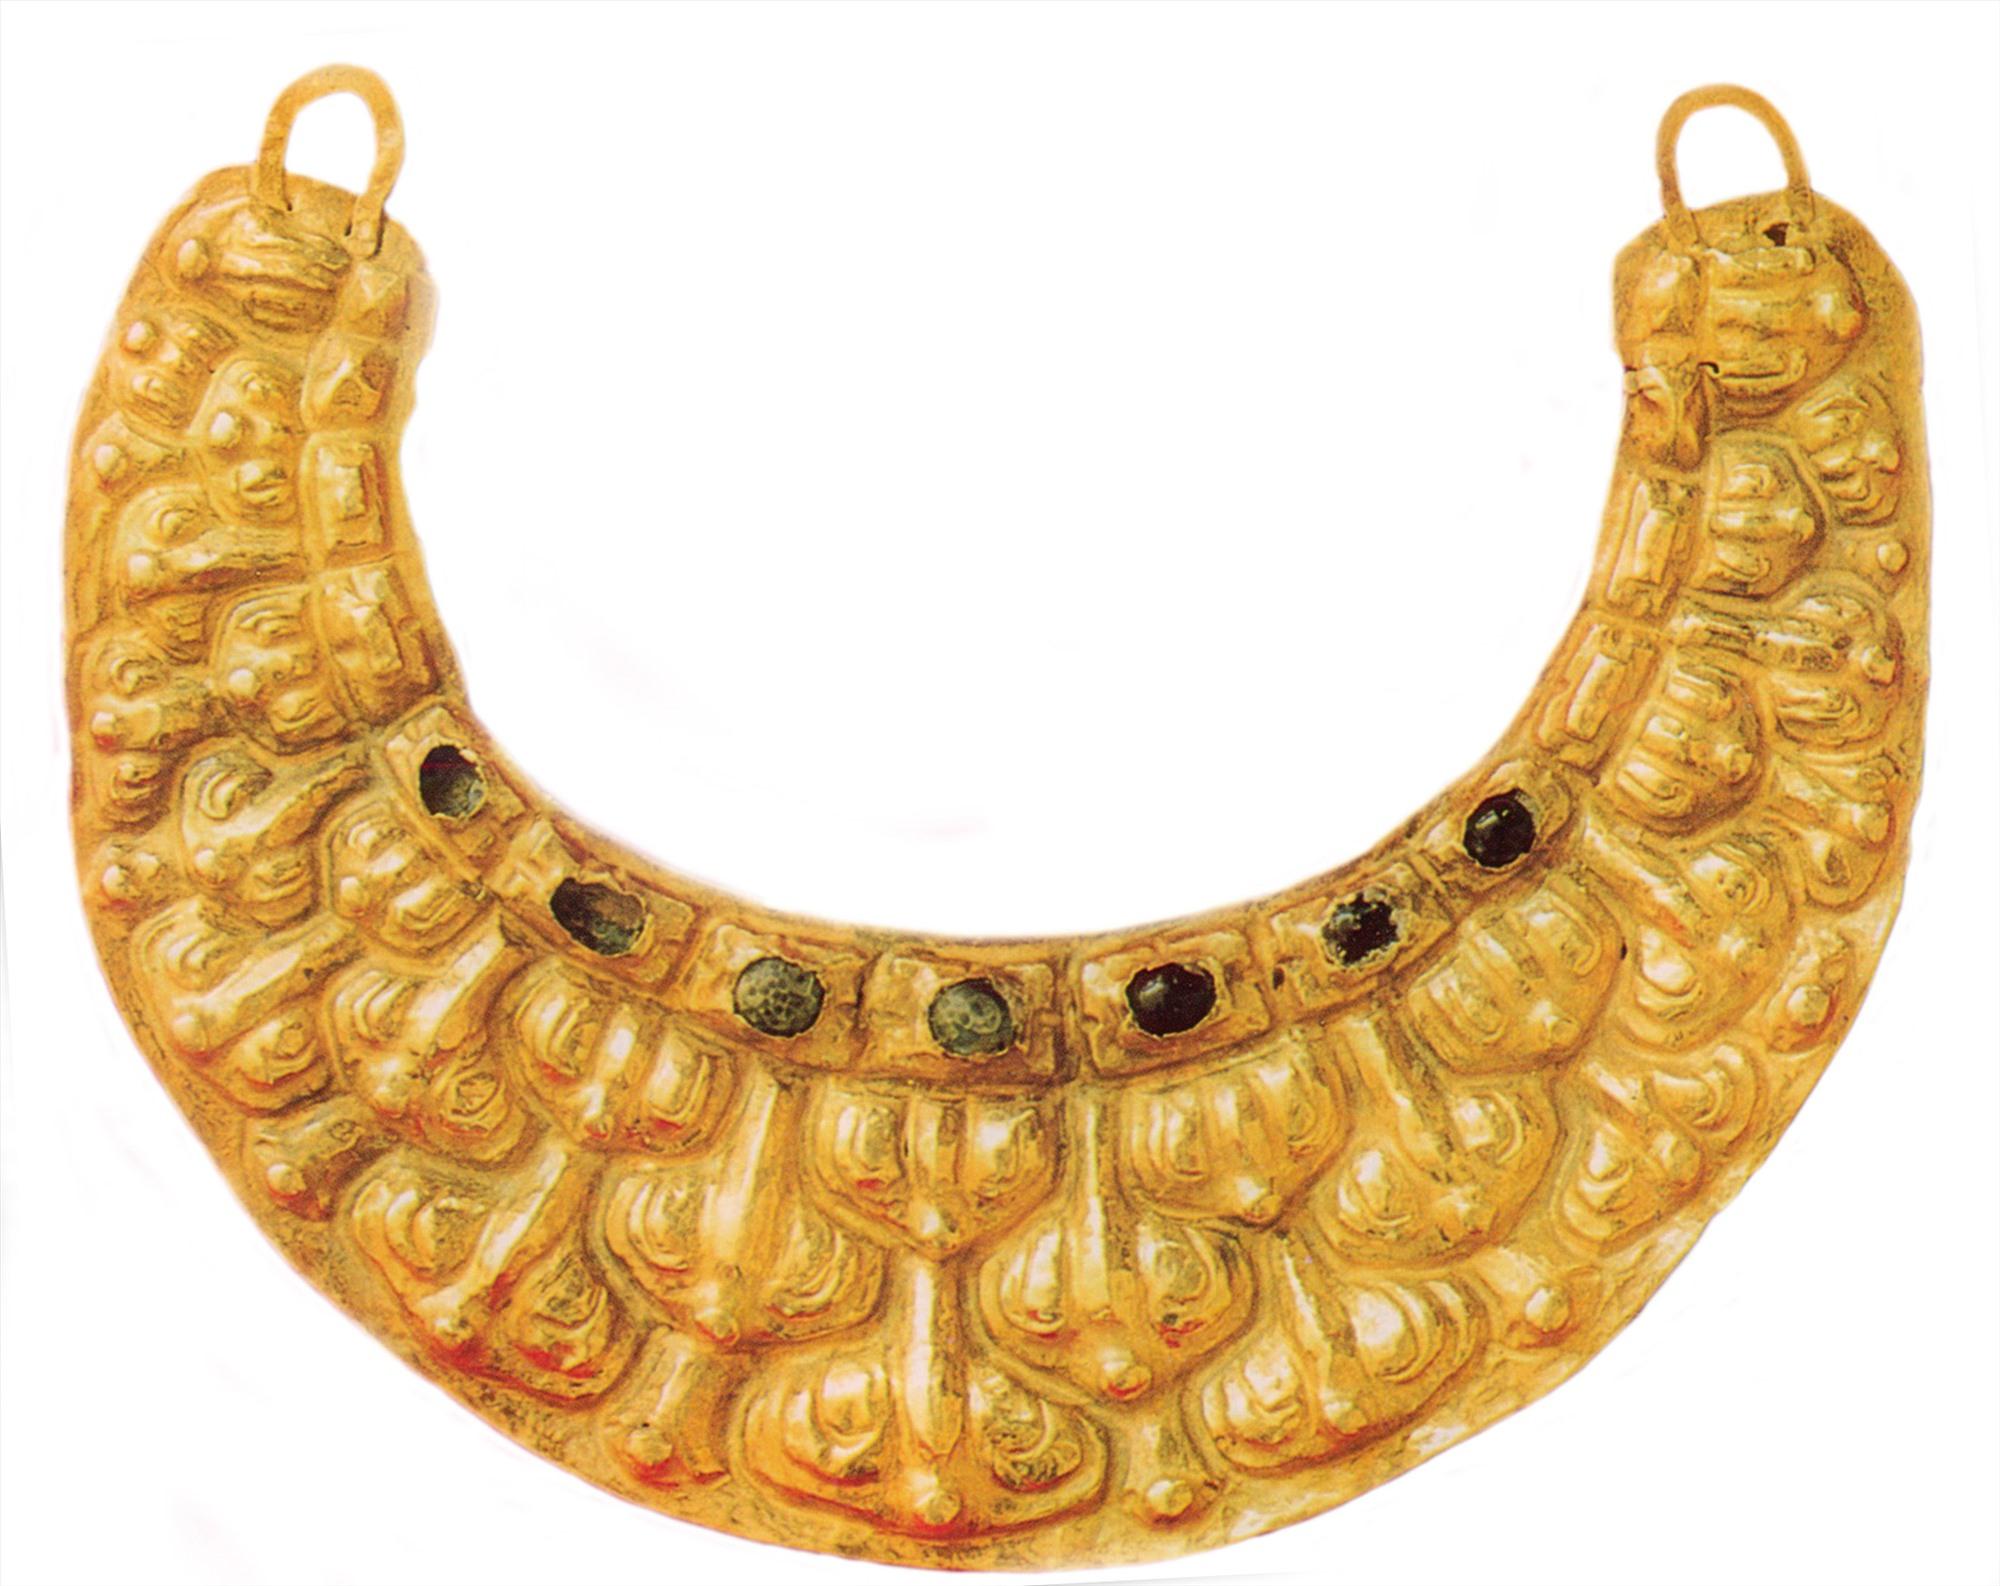 Dải yếm cổ bằng vàng.